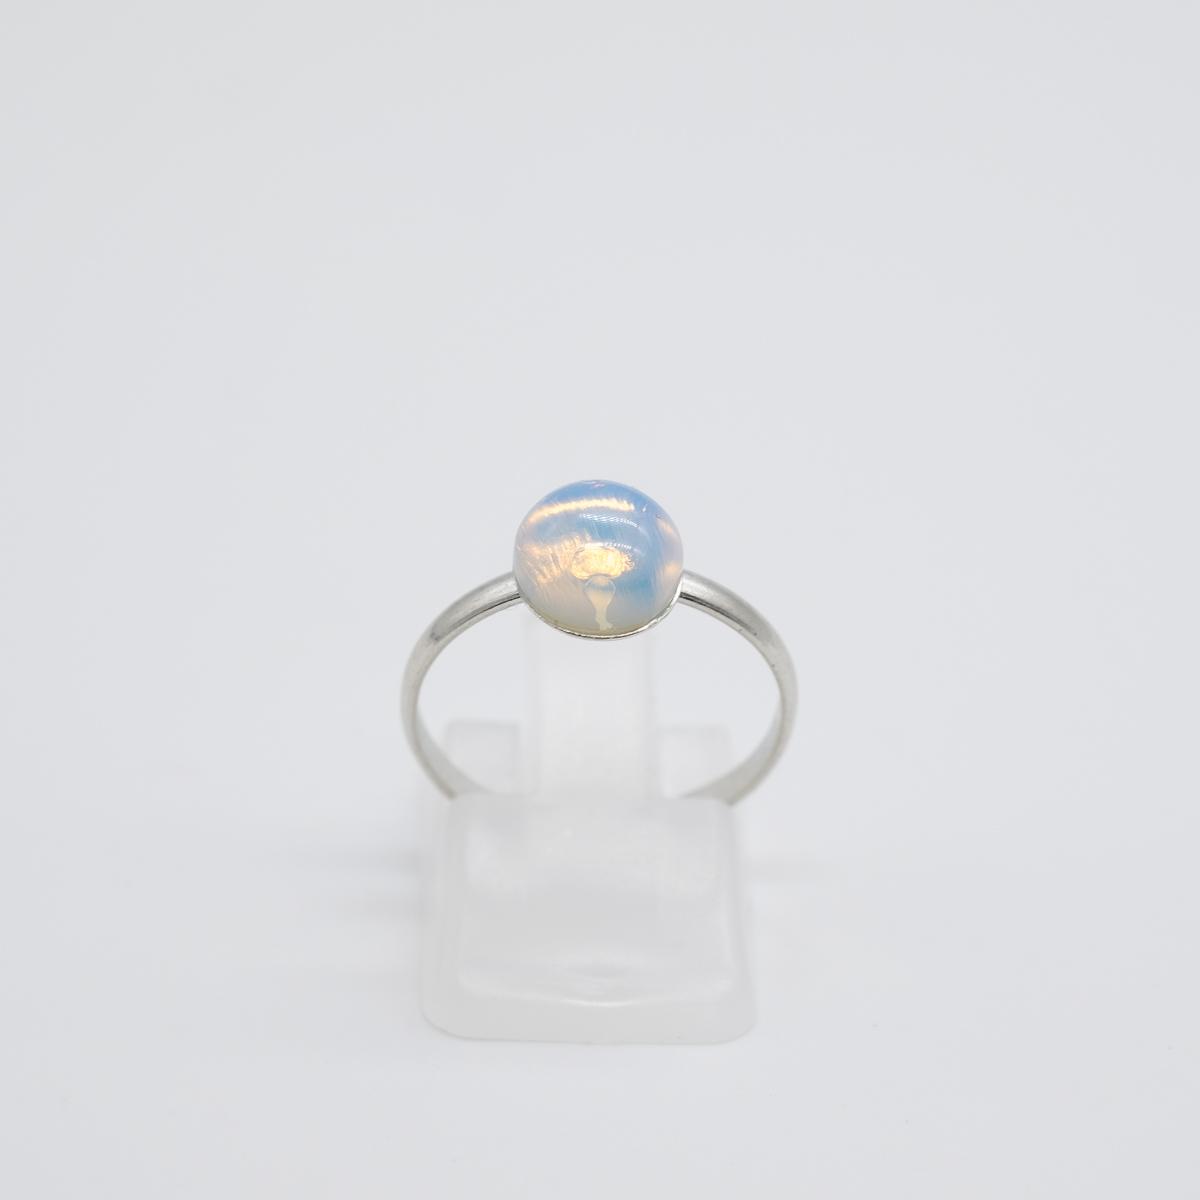 RNG-016 opaliet zilver ring